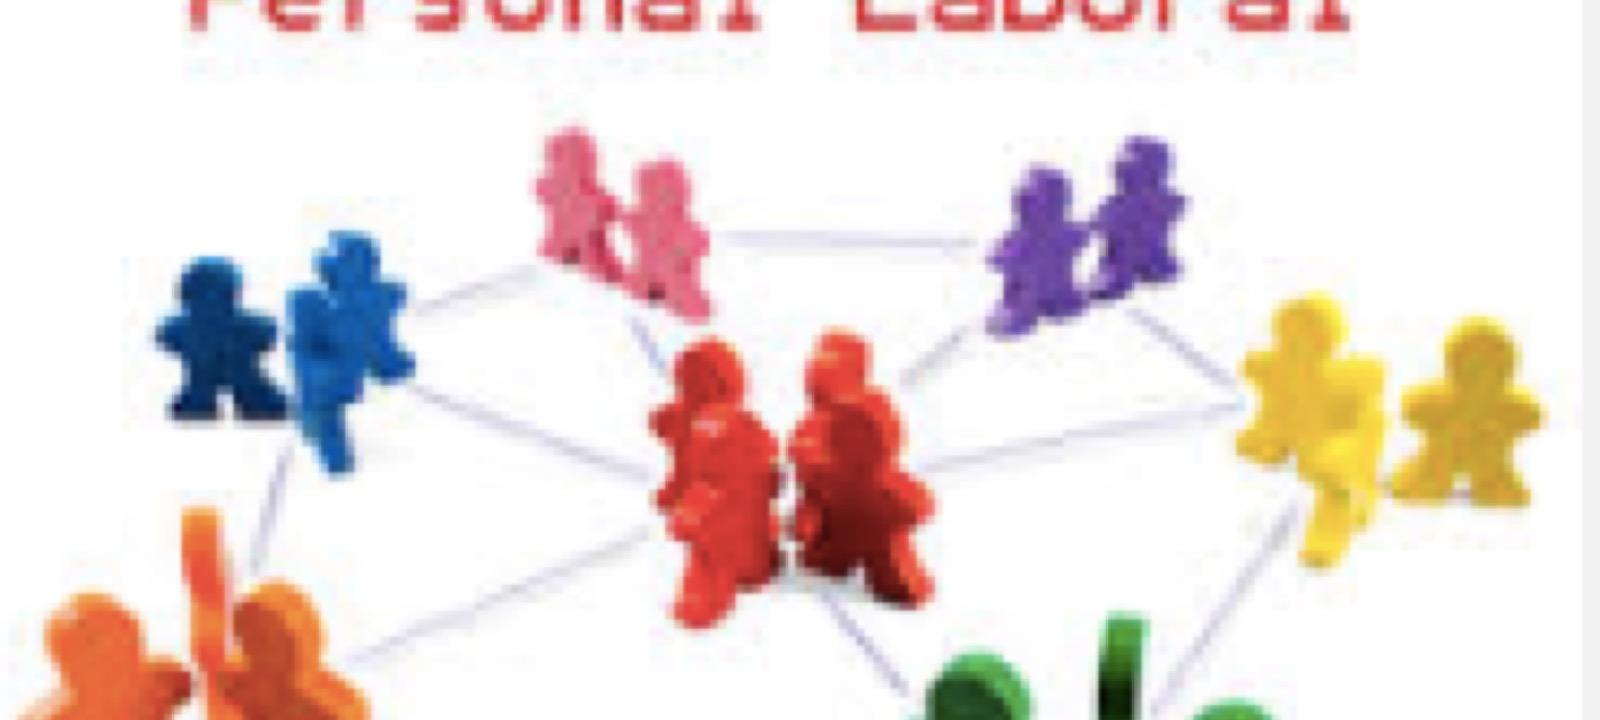 Propuesta de acumulación de las adjudicaciones de destinos de los concursos de traslados de Personal Laboral de la JCCM CPL 2/2020 y 3/2020